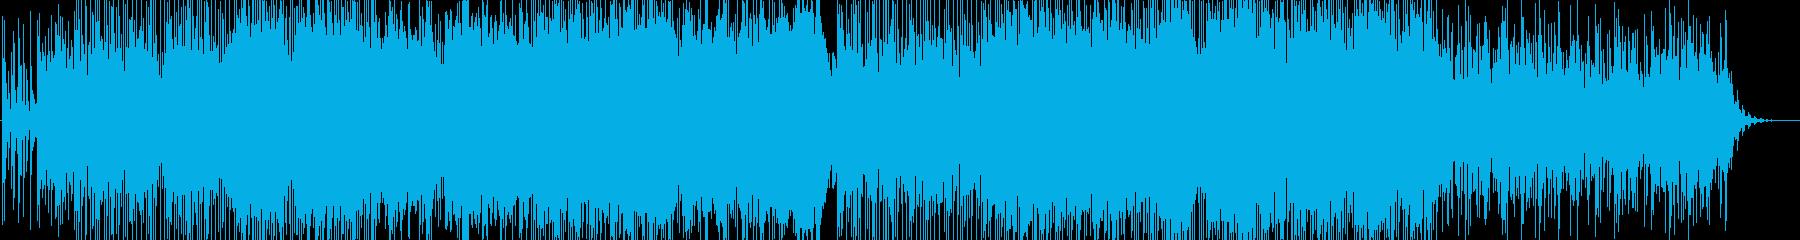 幻想的・浮遊感・戦闘曲の再生済みの波形